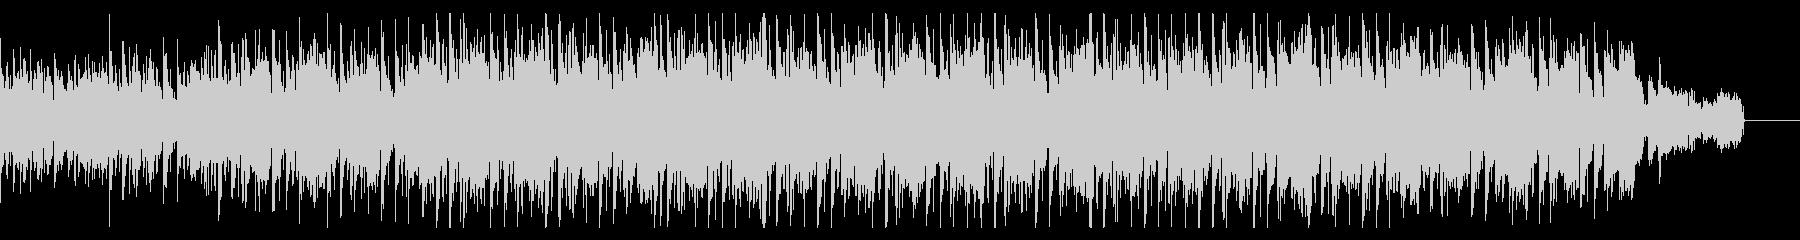 シンプルなノリのダークなハウスの未再生の波形